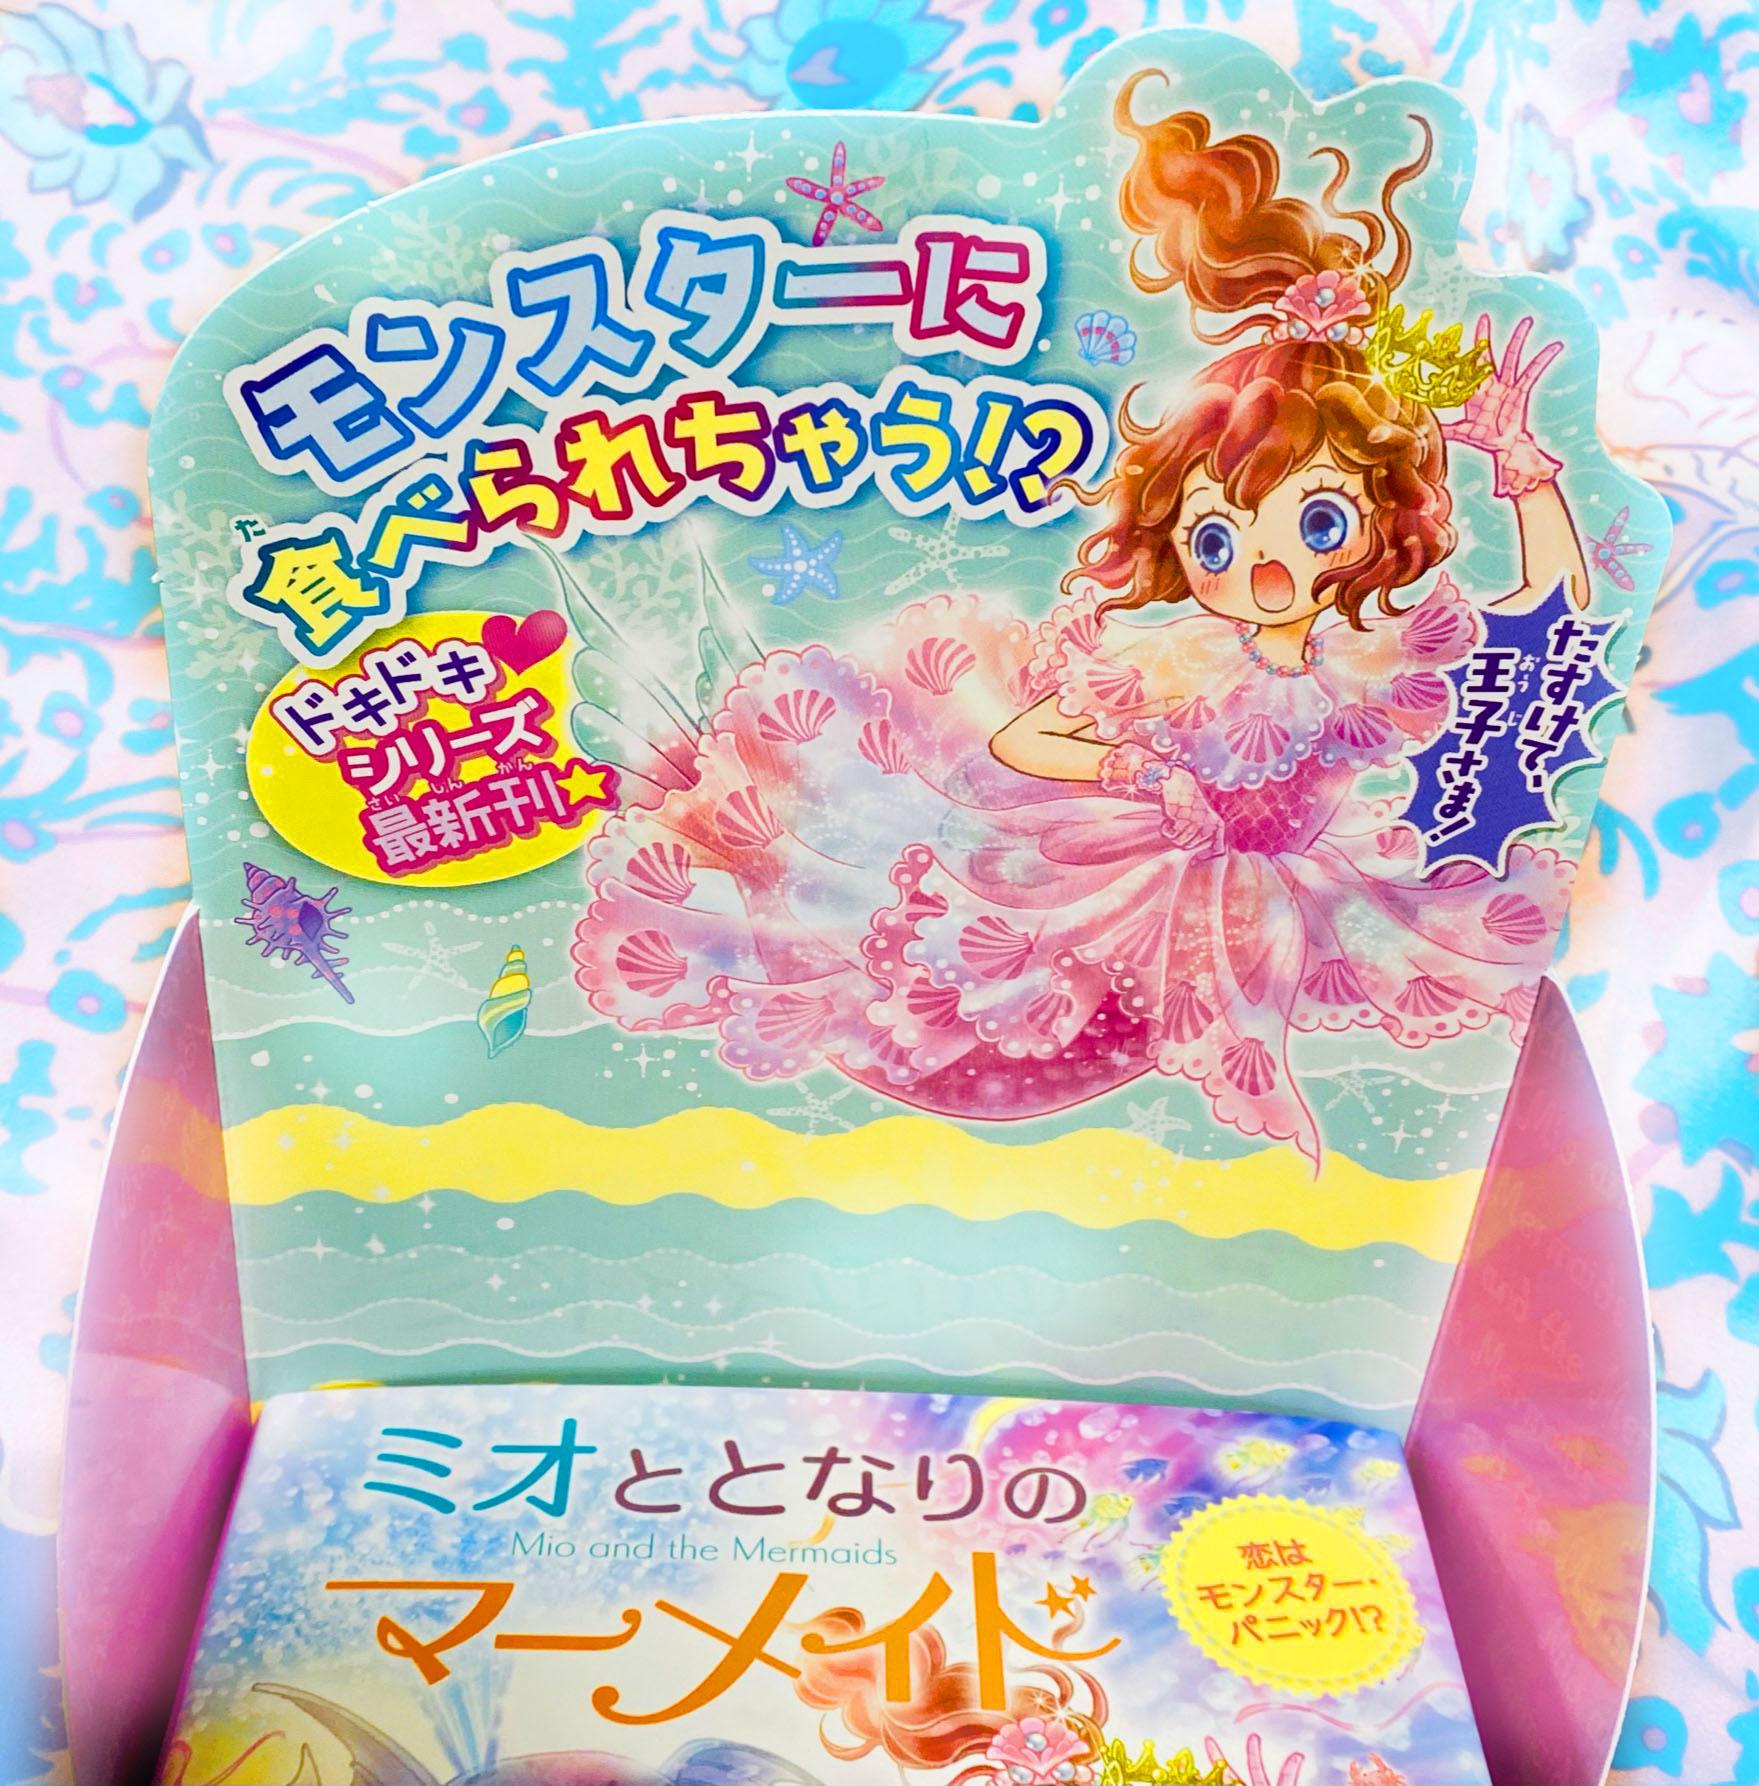 『ミオととなりのマーメイド』8巻、追伸的な☆